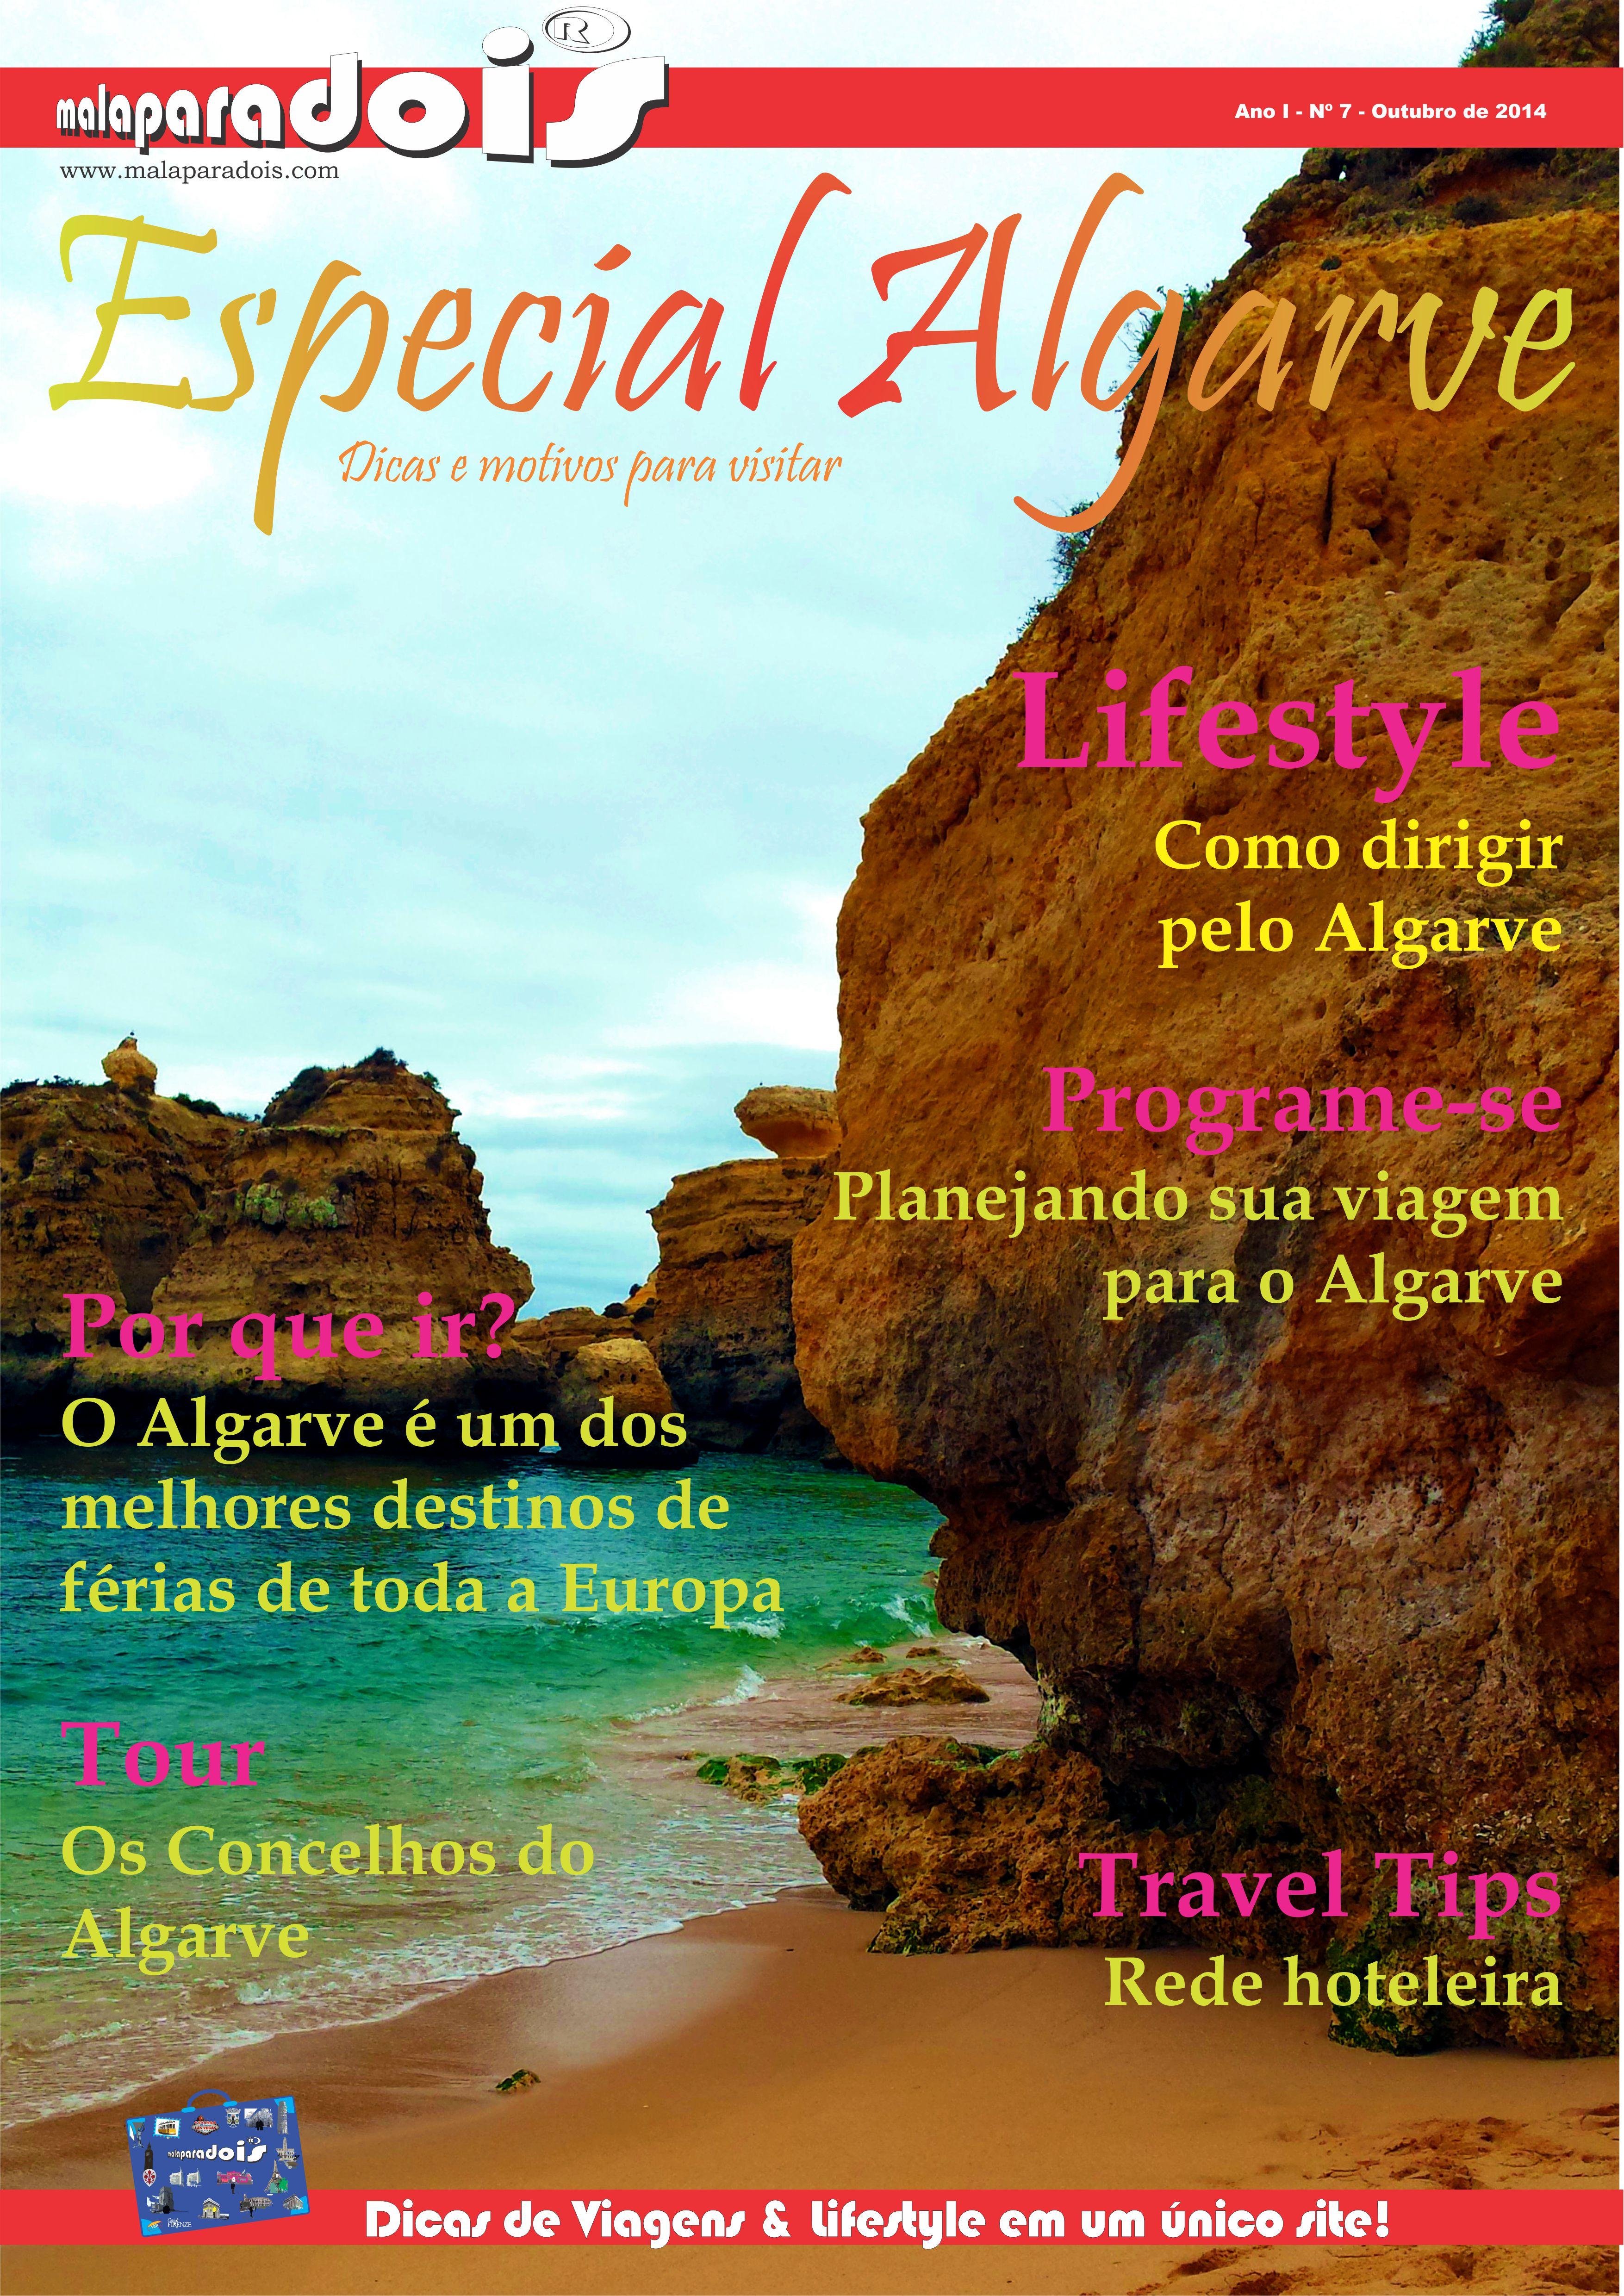 Revista Malaparadois nº 7